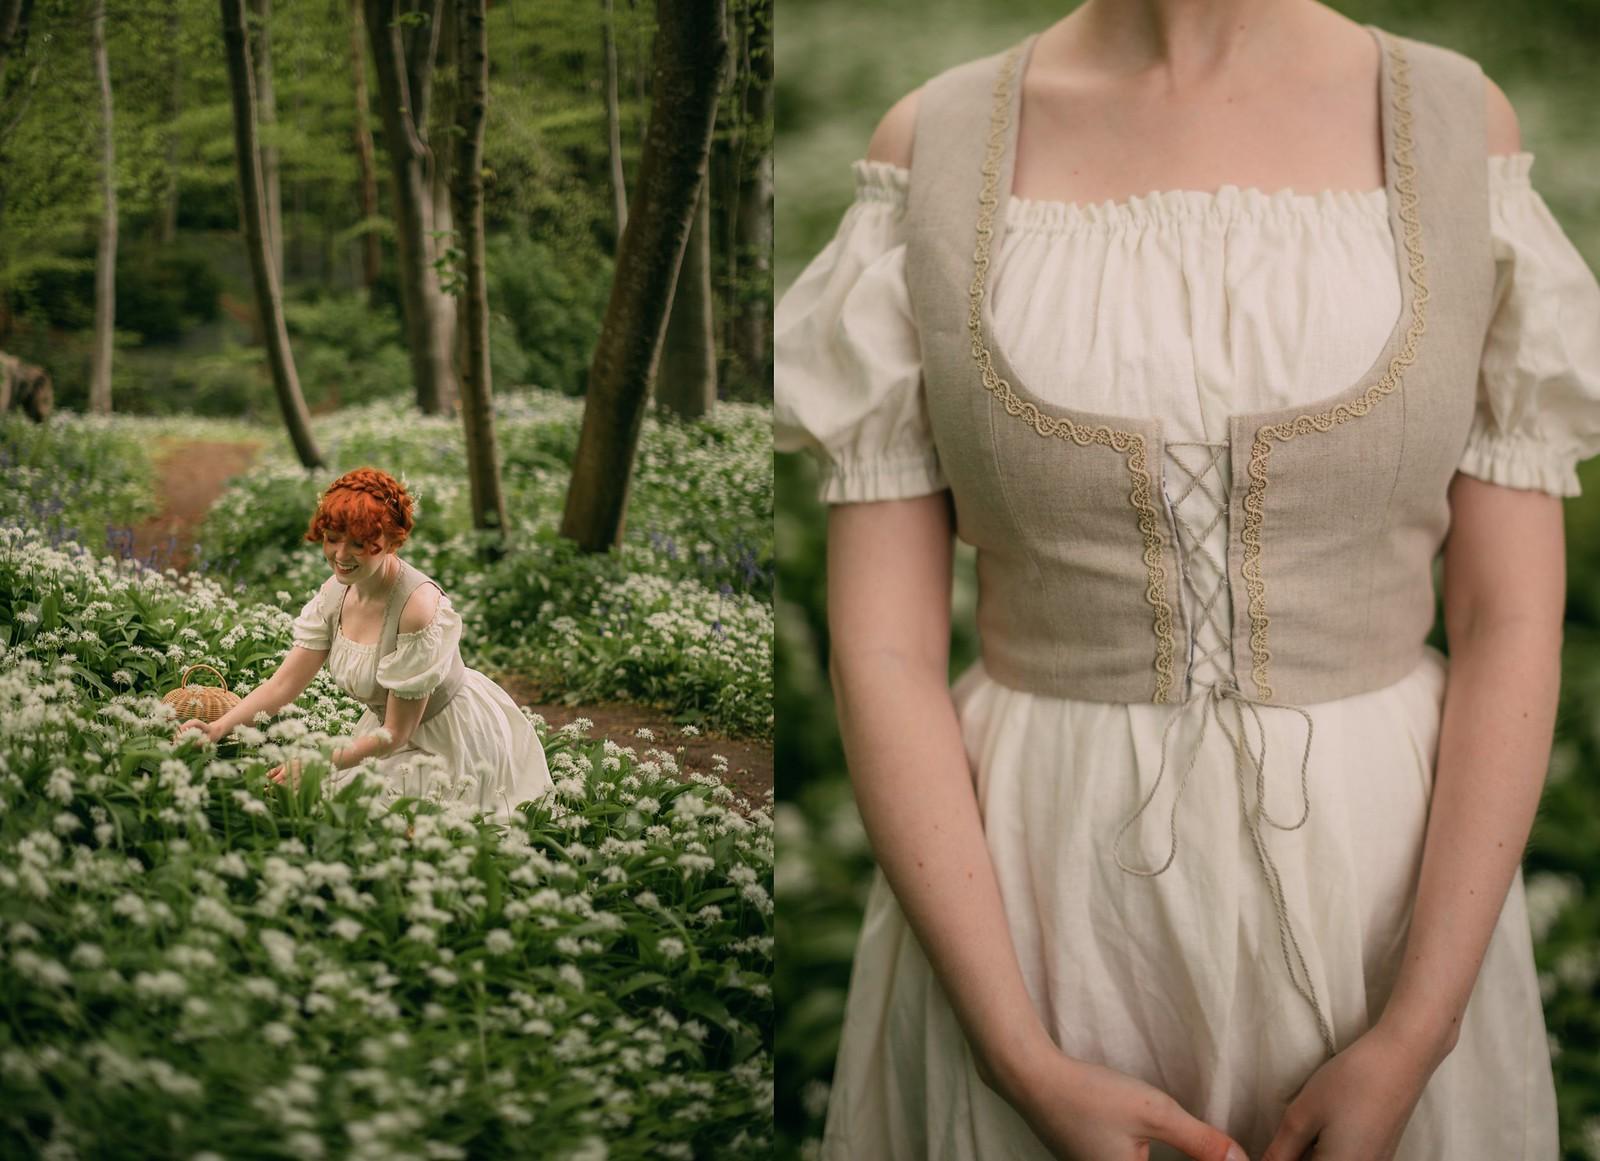 spring hobbit,hobbithearted, hobbit fashion, hobbit clothes, cottagecore, cottagecore dress, cottagefairy, fairycore, voriagh, folk fashion